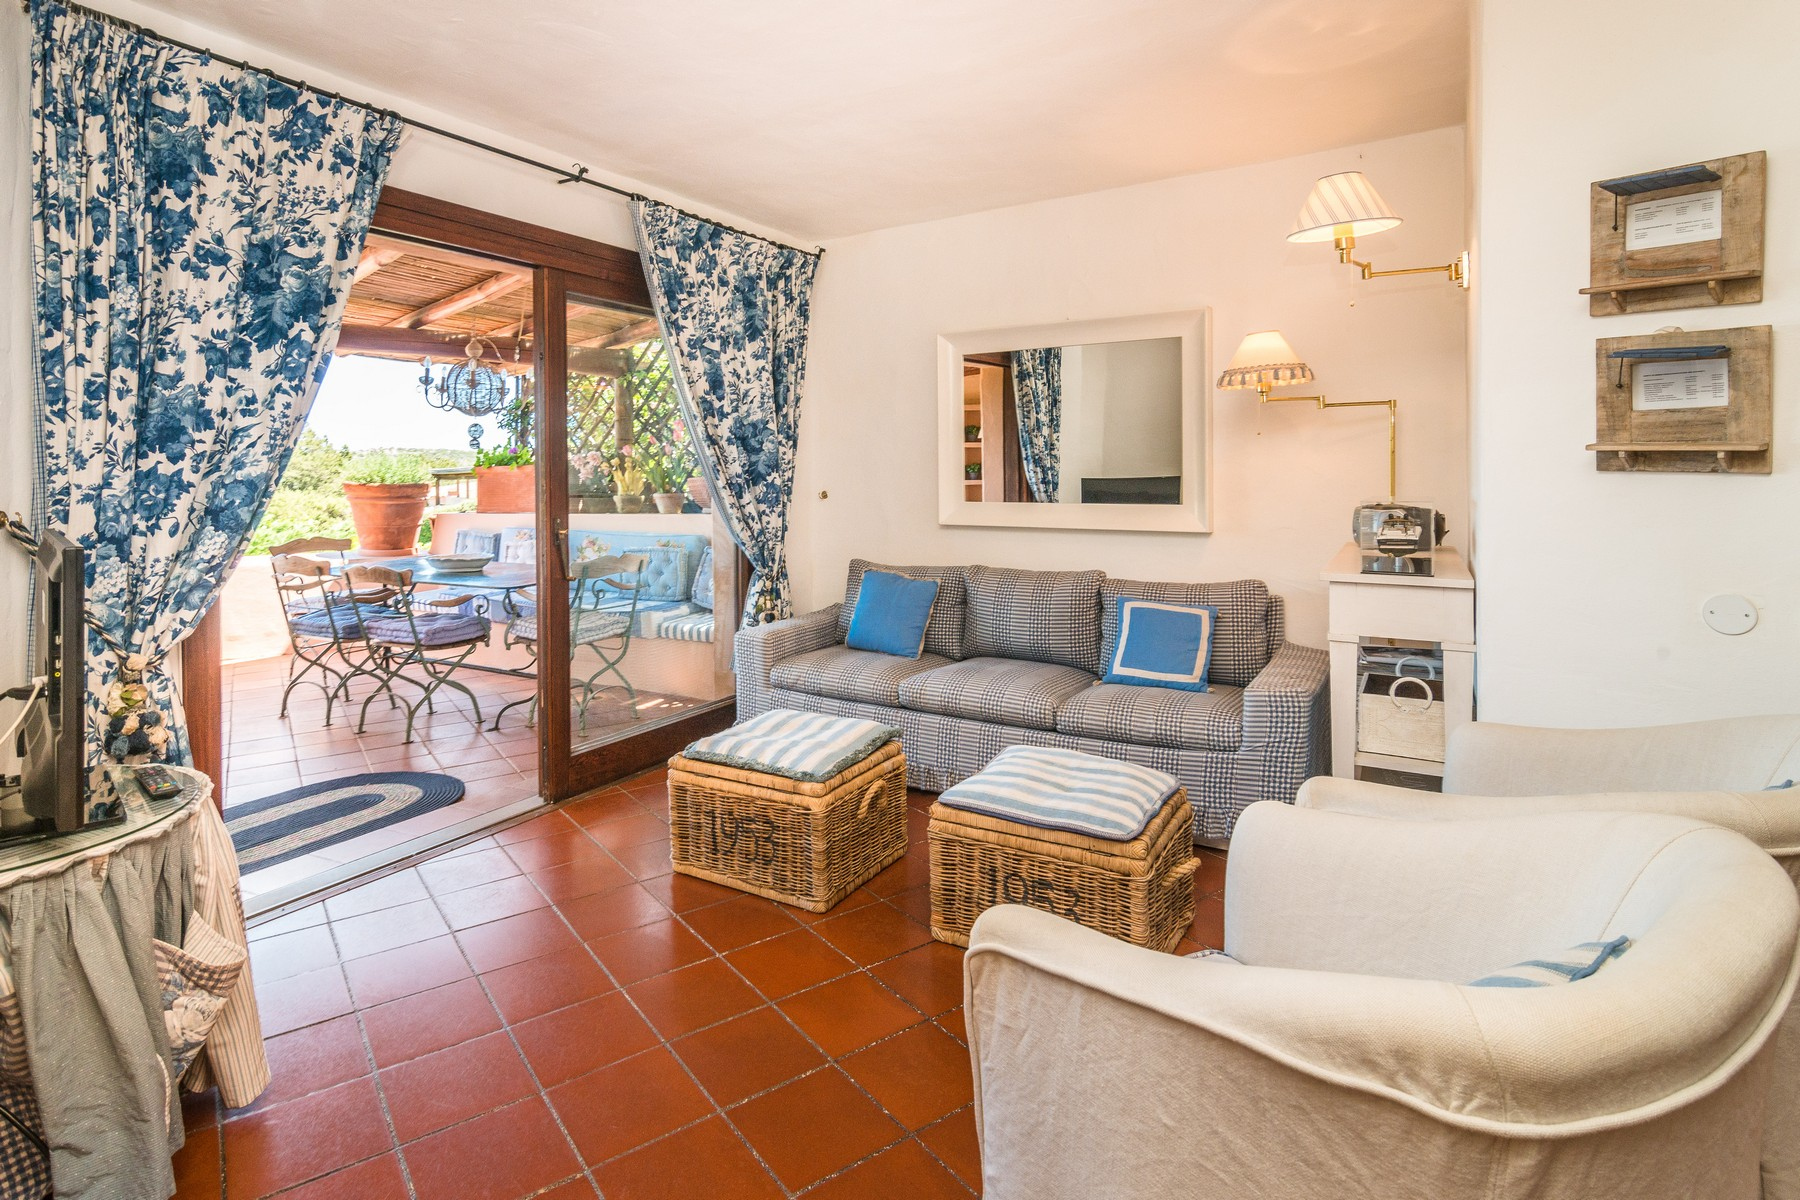 Appartamento in Vendita a Arzachena: 5 locali, 105 mq - Foto 3